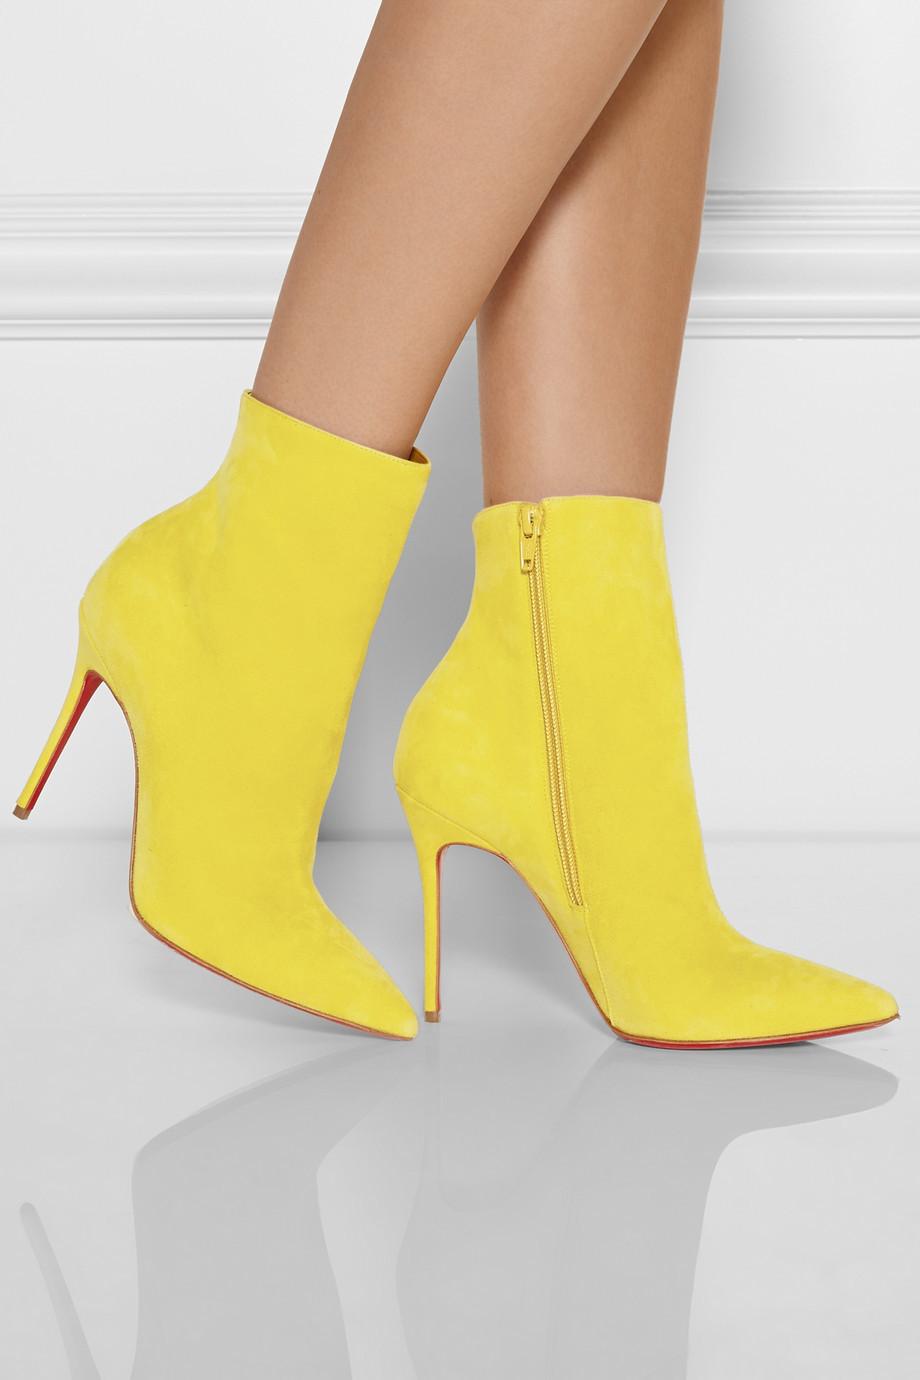 Cheap Gold High Heels For Women | Is Heel - Part 322